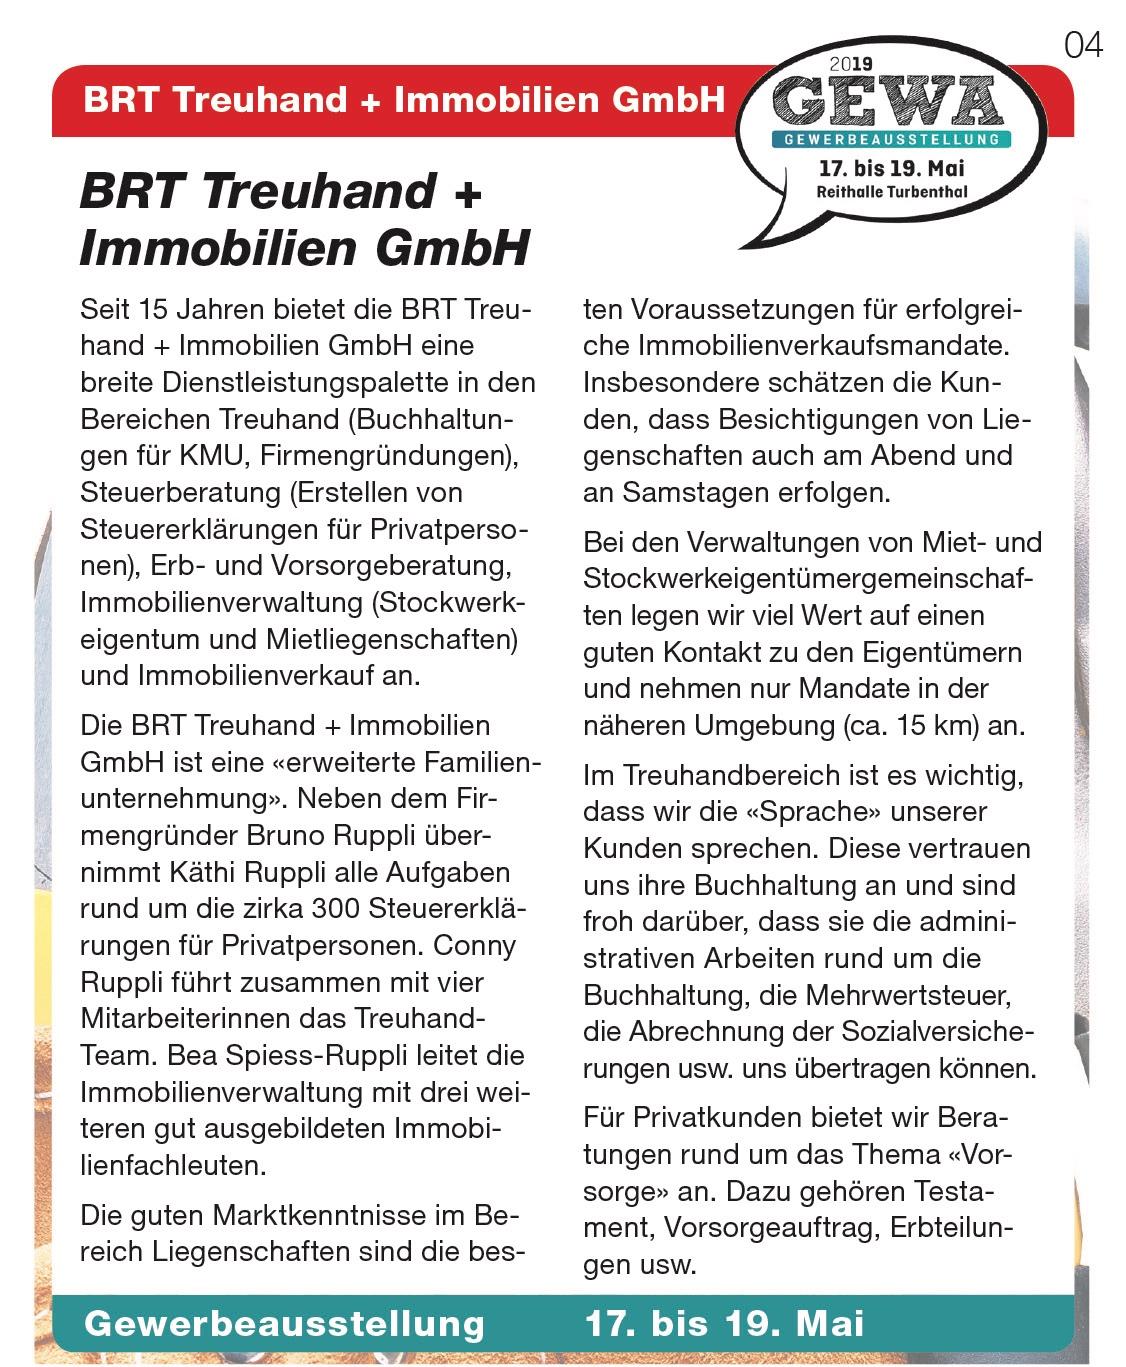 BRT Treuhand + Immobilien GmbH